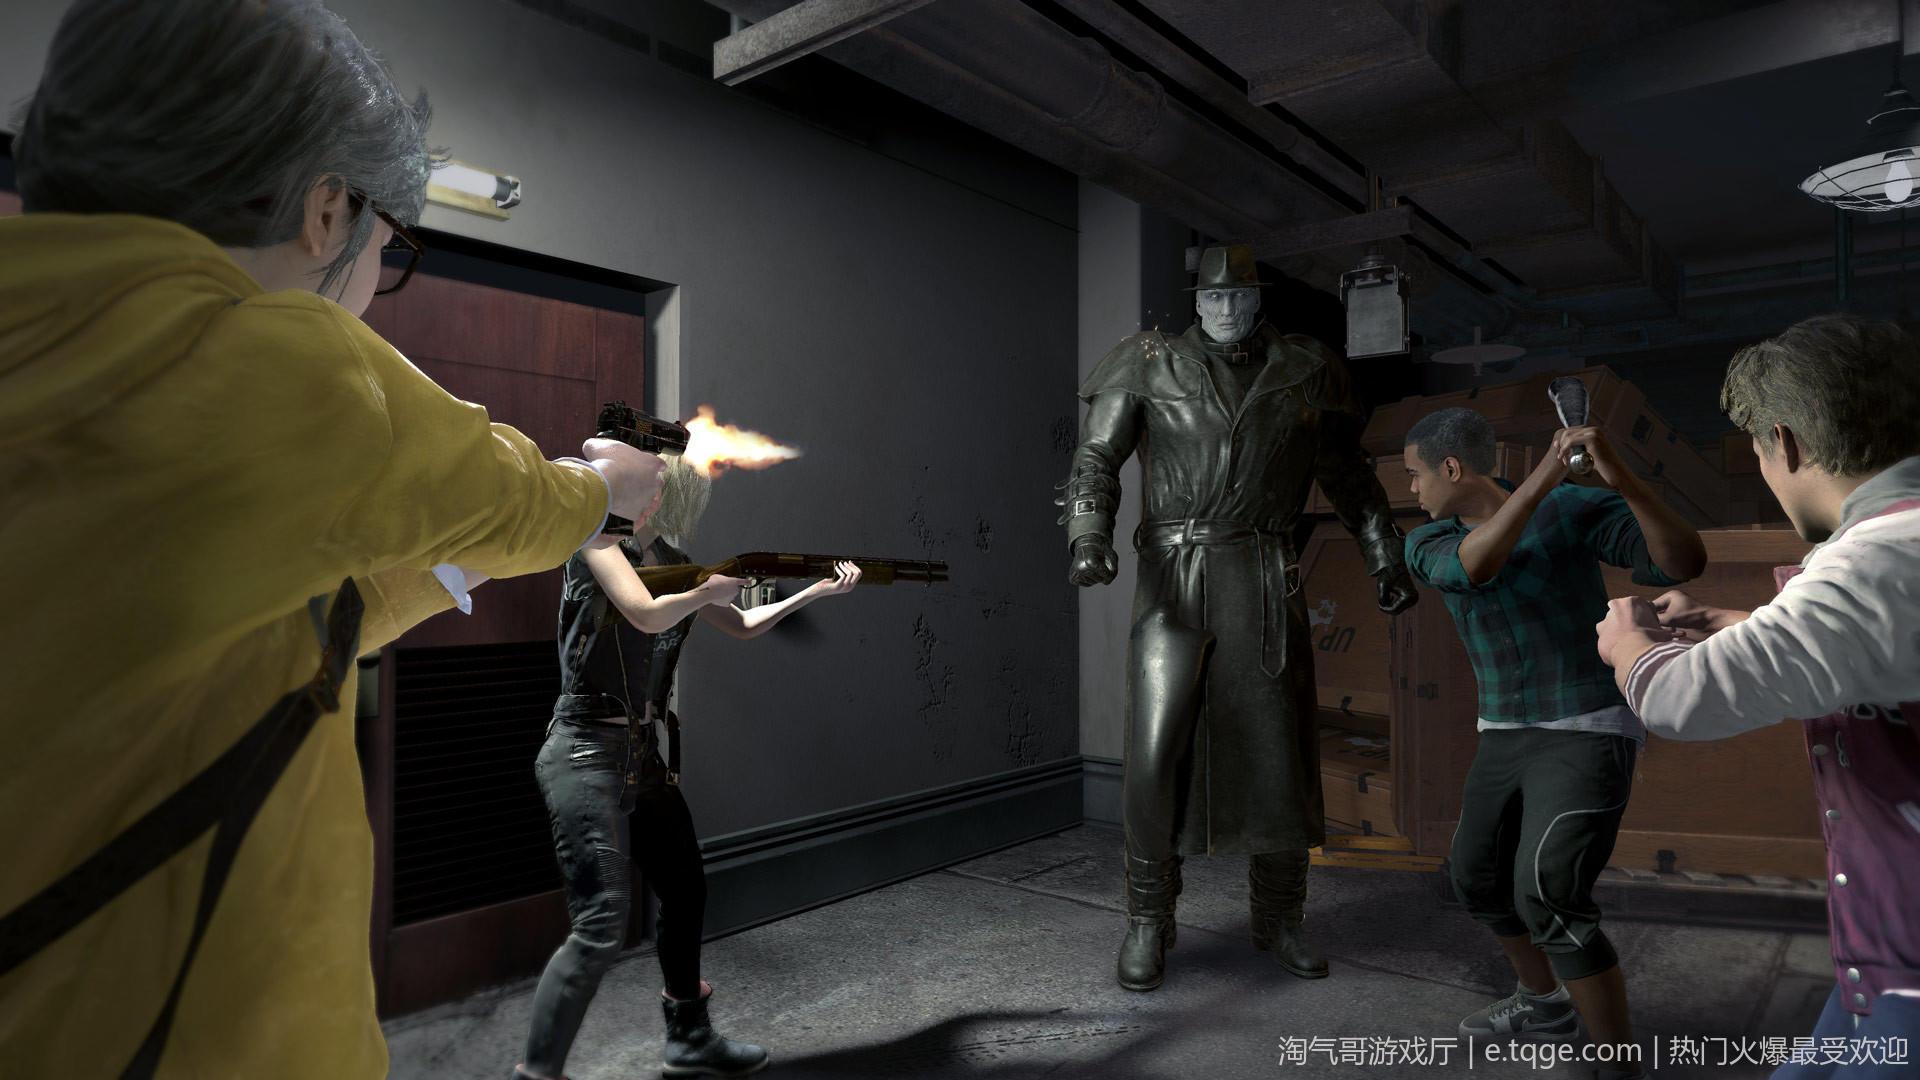 生化危机3重置版/生化3重置版 射击游戏 第4张